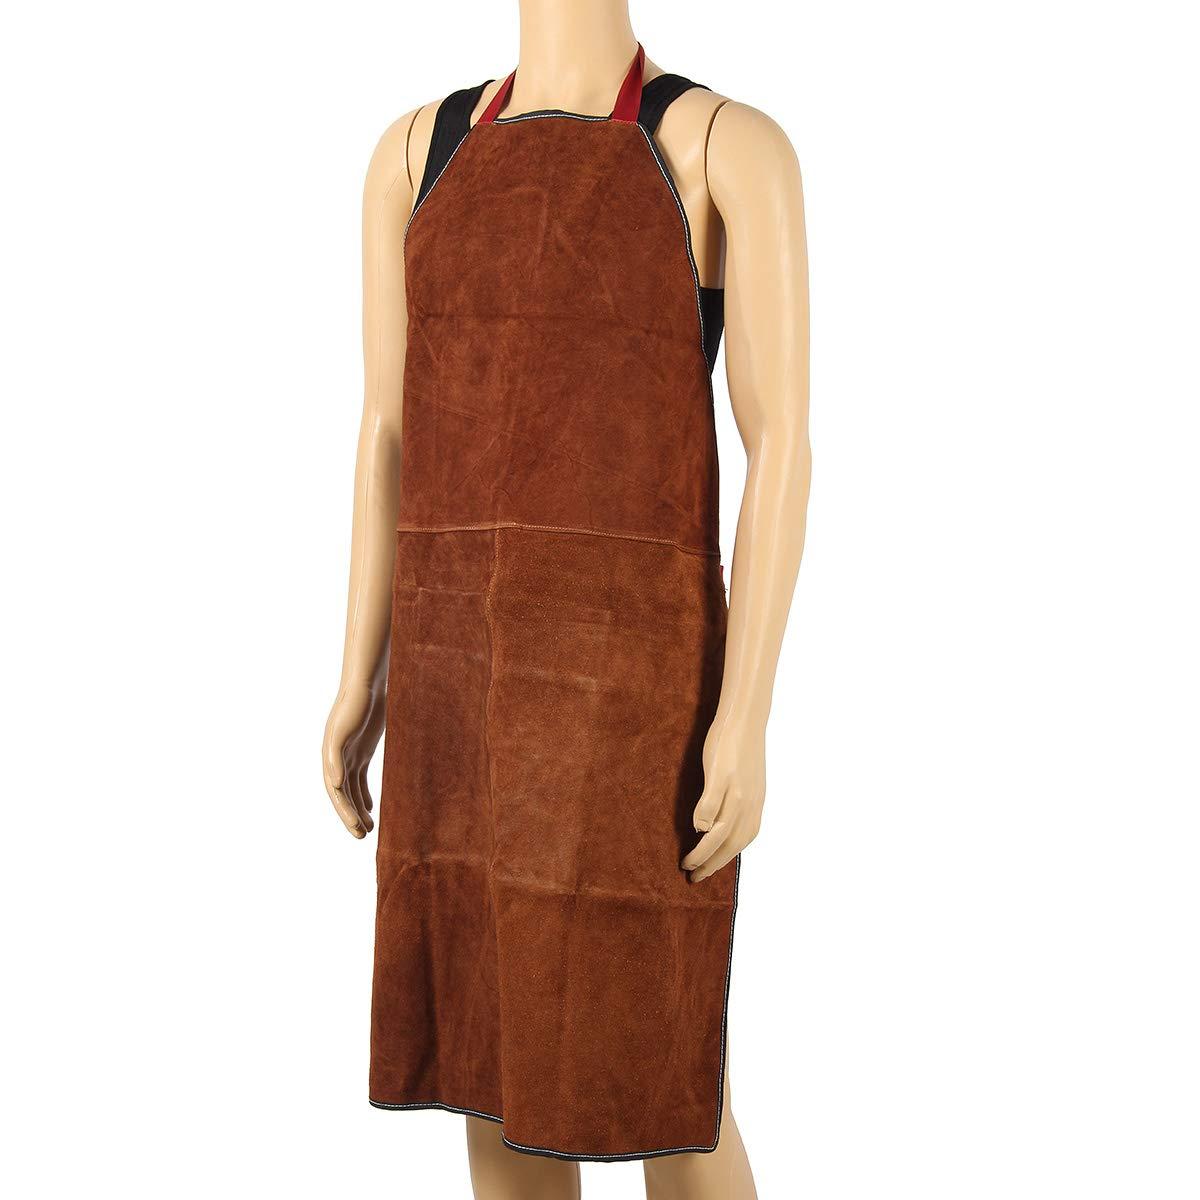 100 x 70 cm Cuir Marron Tablier de soudure chaleur Inflammable outils Tablier Heavy Duty Tablier de travail pour homme dDanke